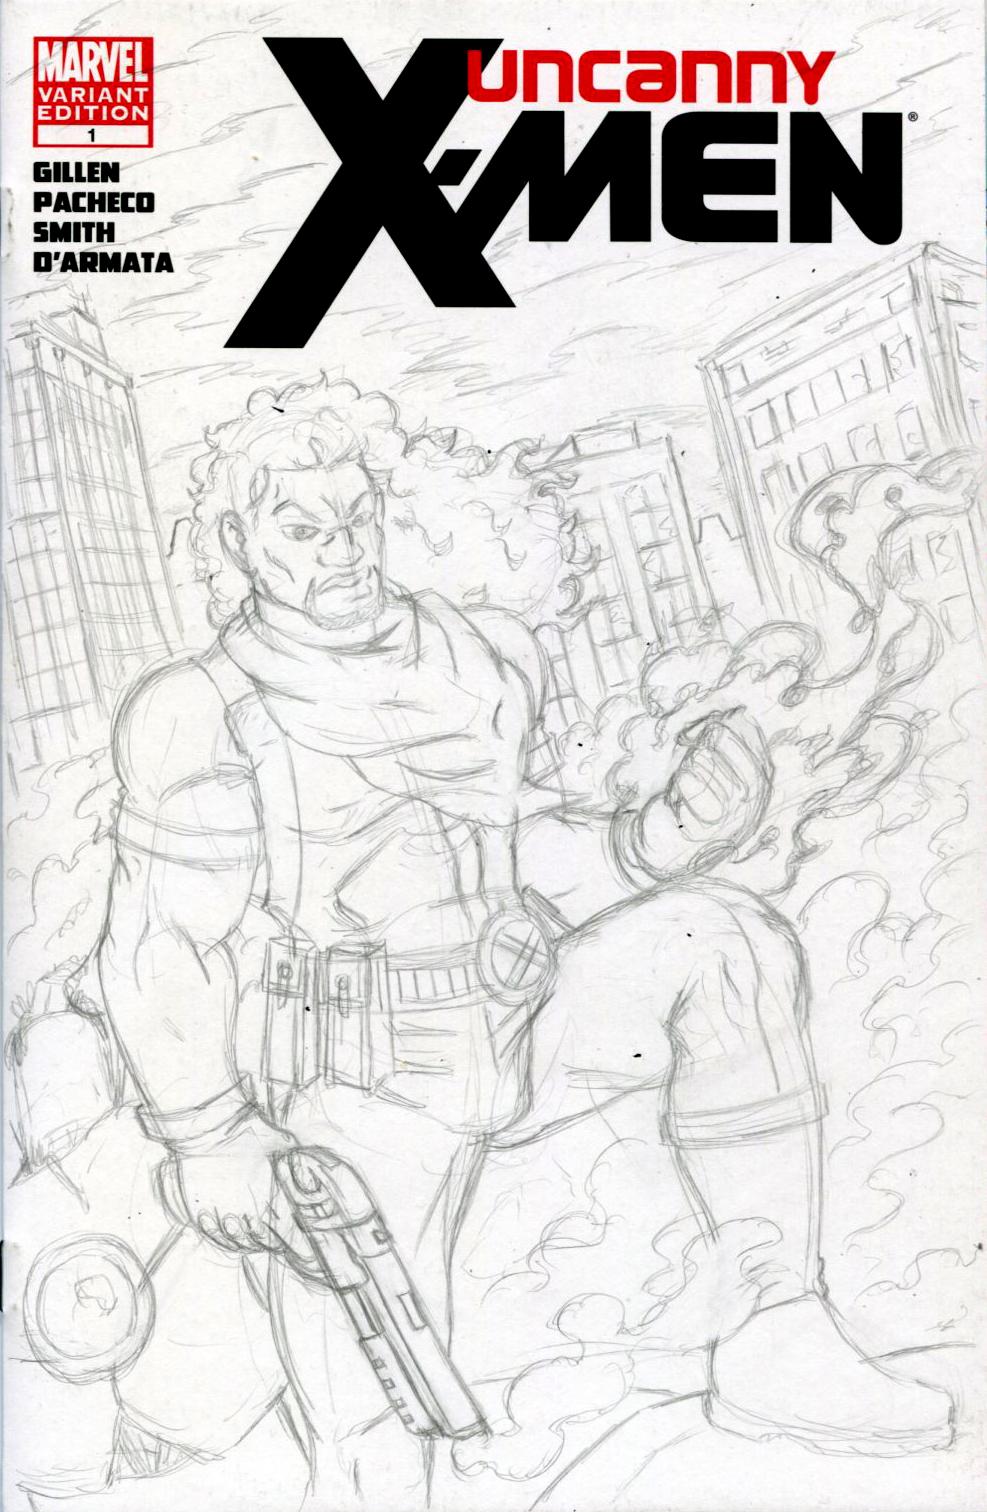 Bishop Uncanny X-Men Sketch Cover Pencils